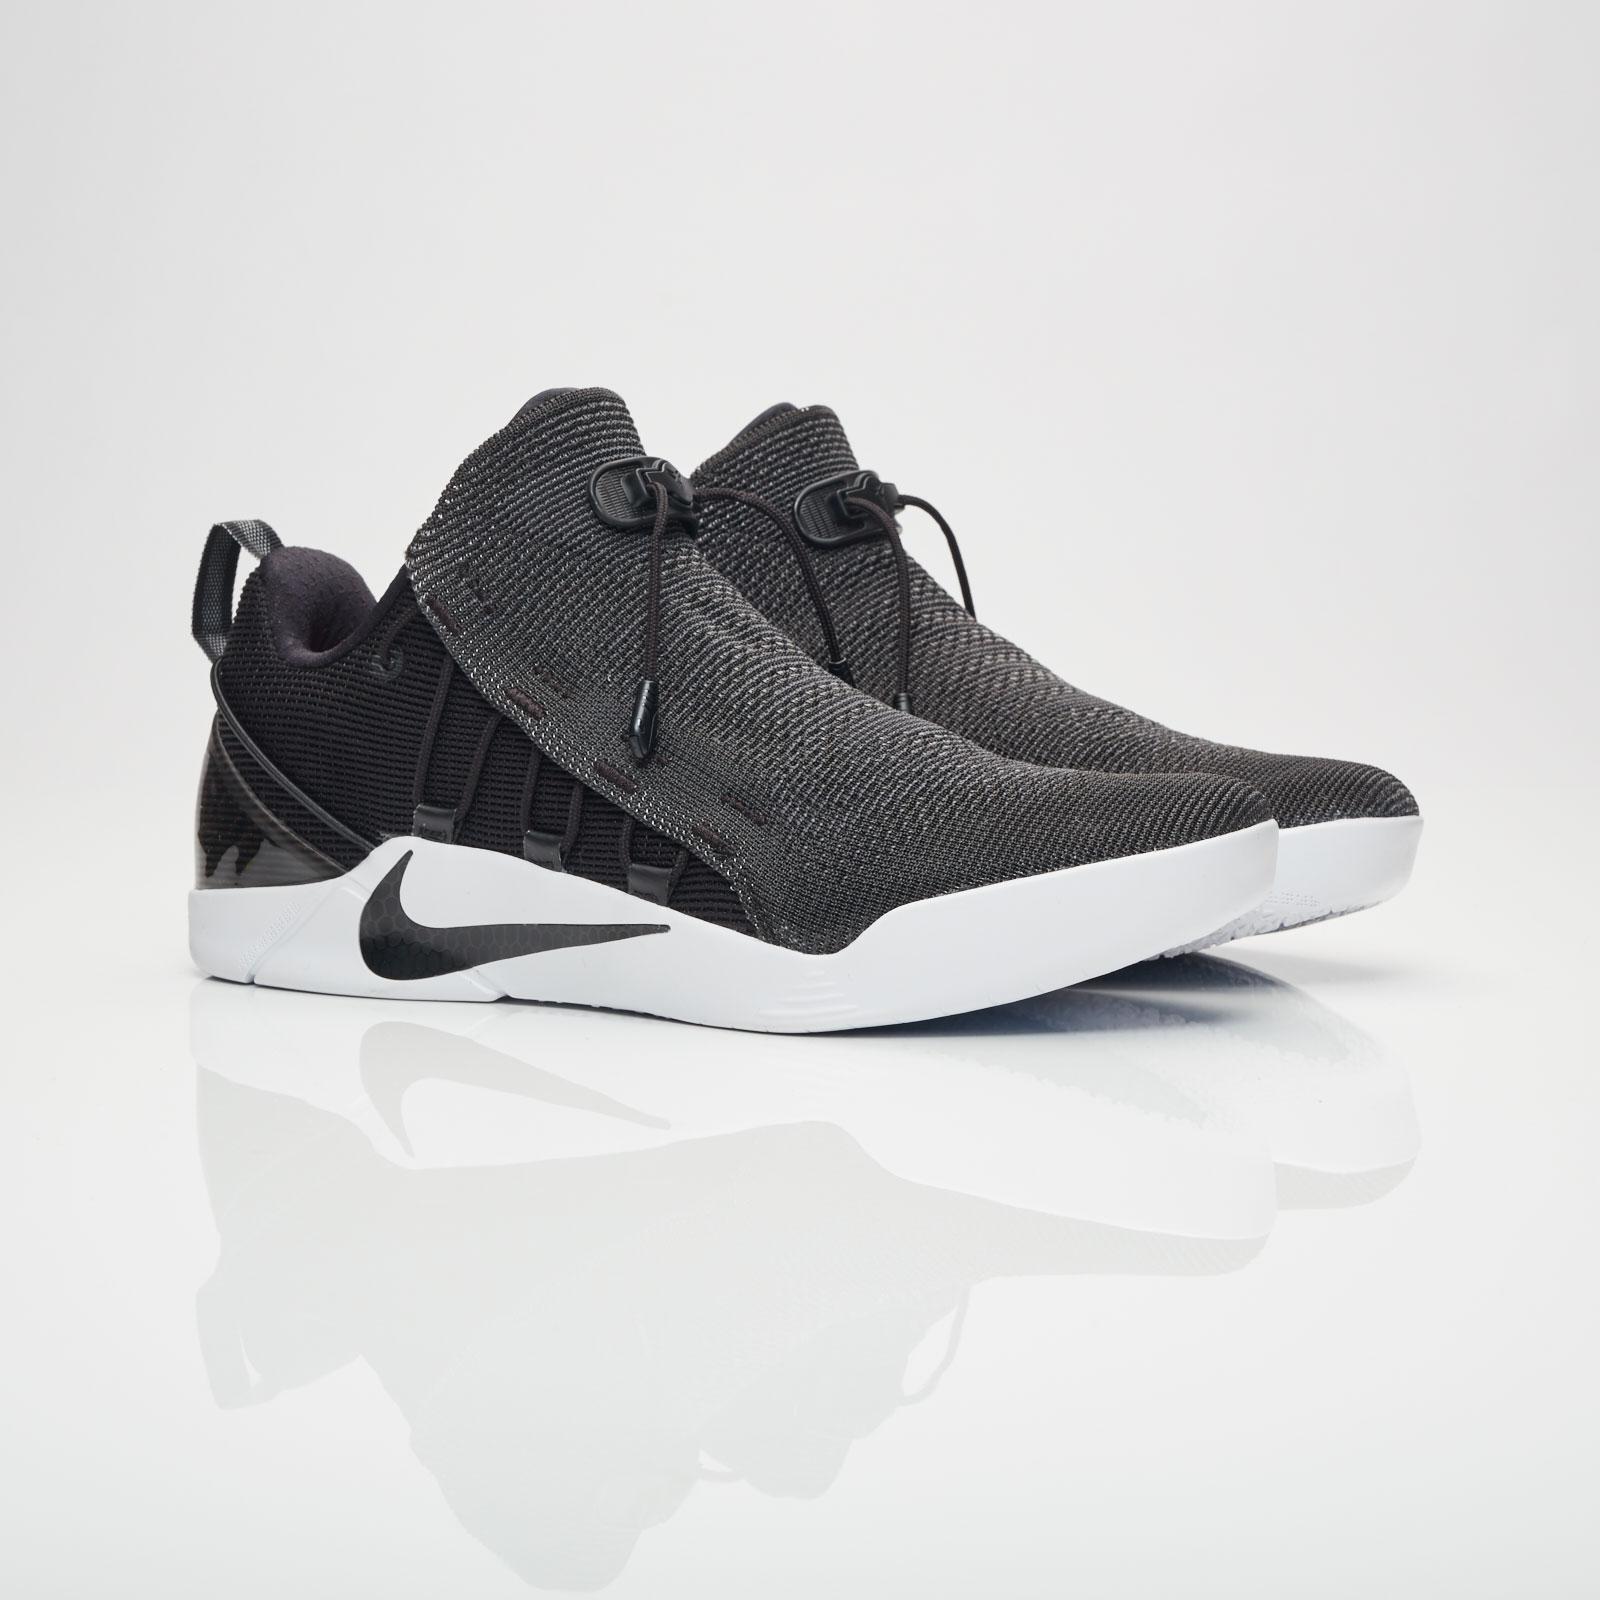 220a3d4e4d43 Nike Kobe A.D NXT - 882049-007 - Sneakersnstuff